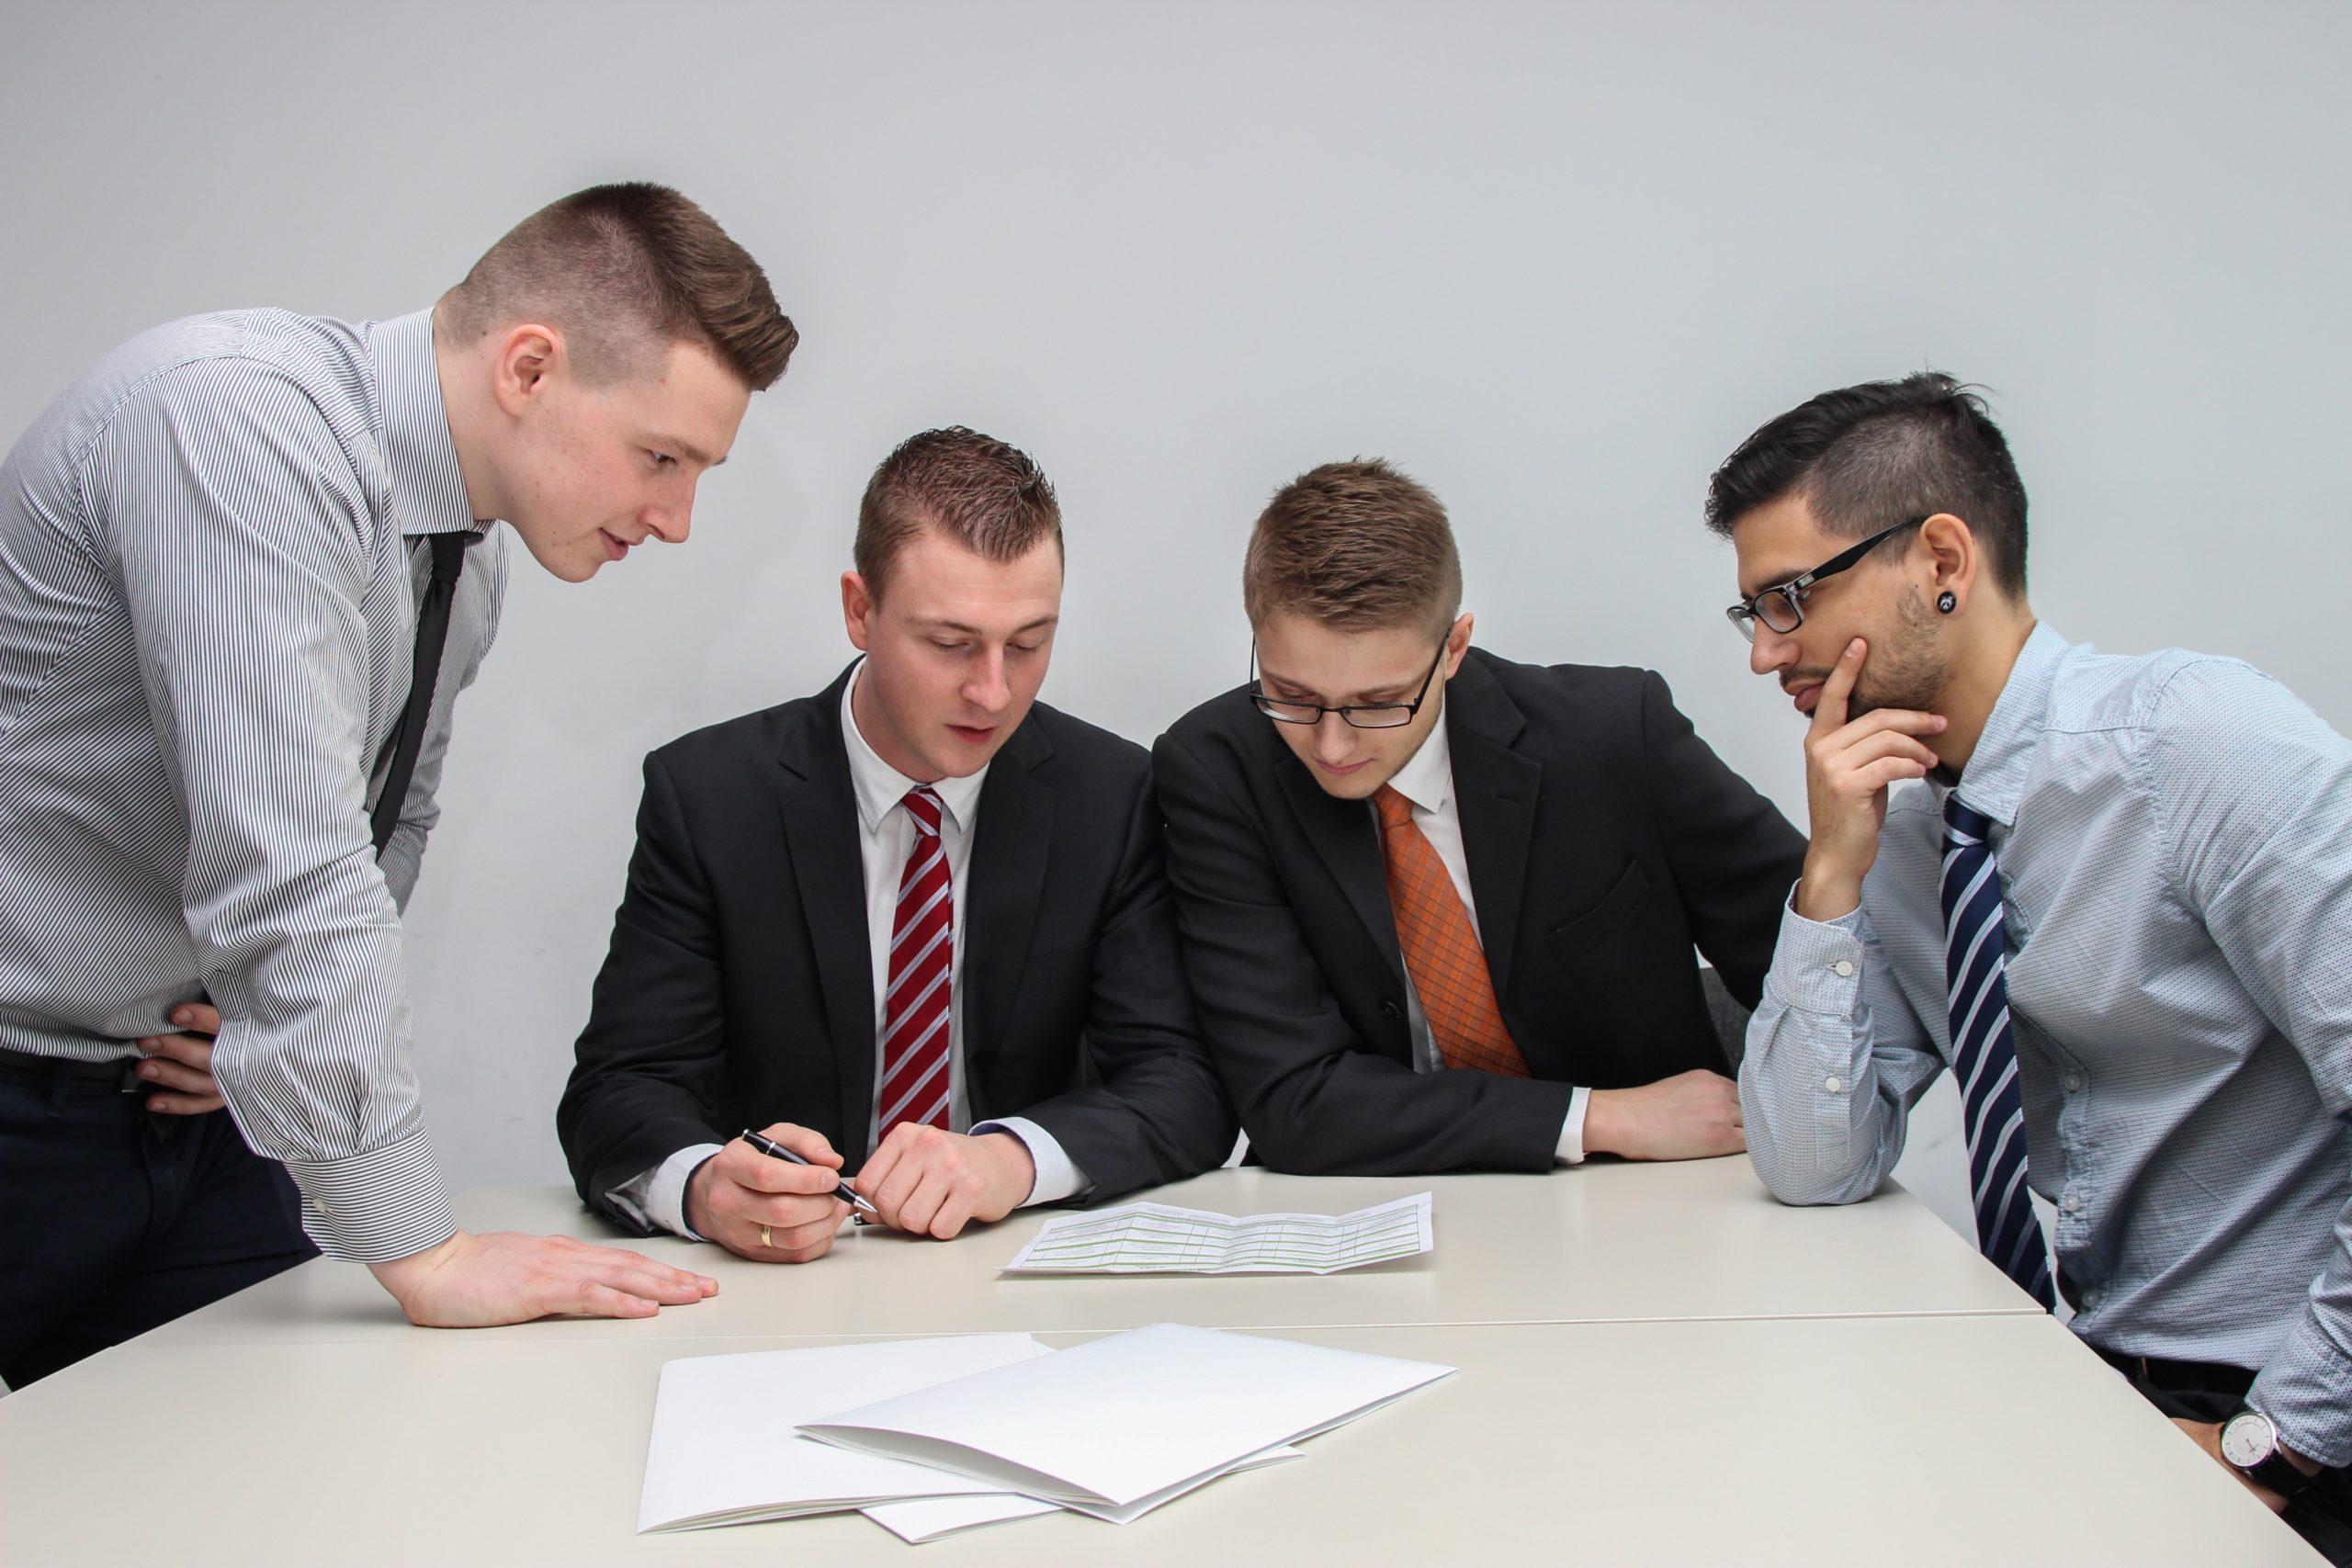 מקצוע יועץ השקעות